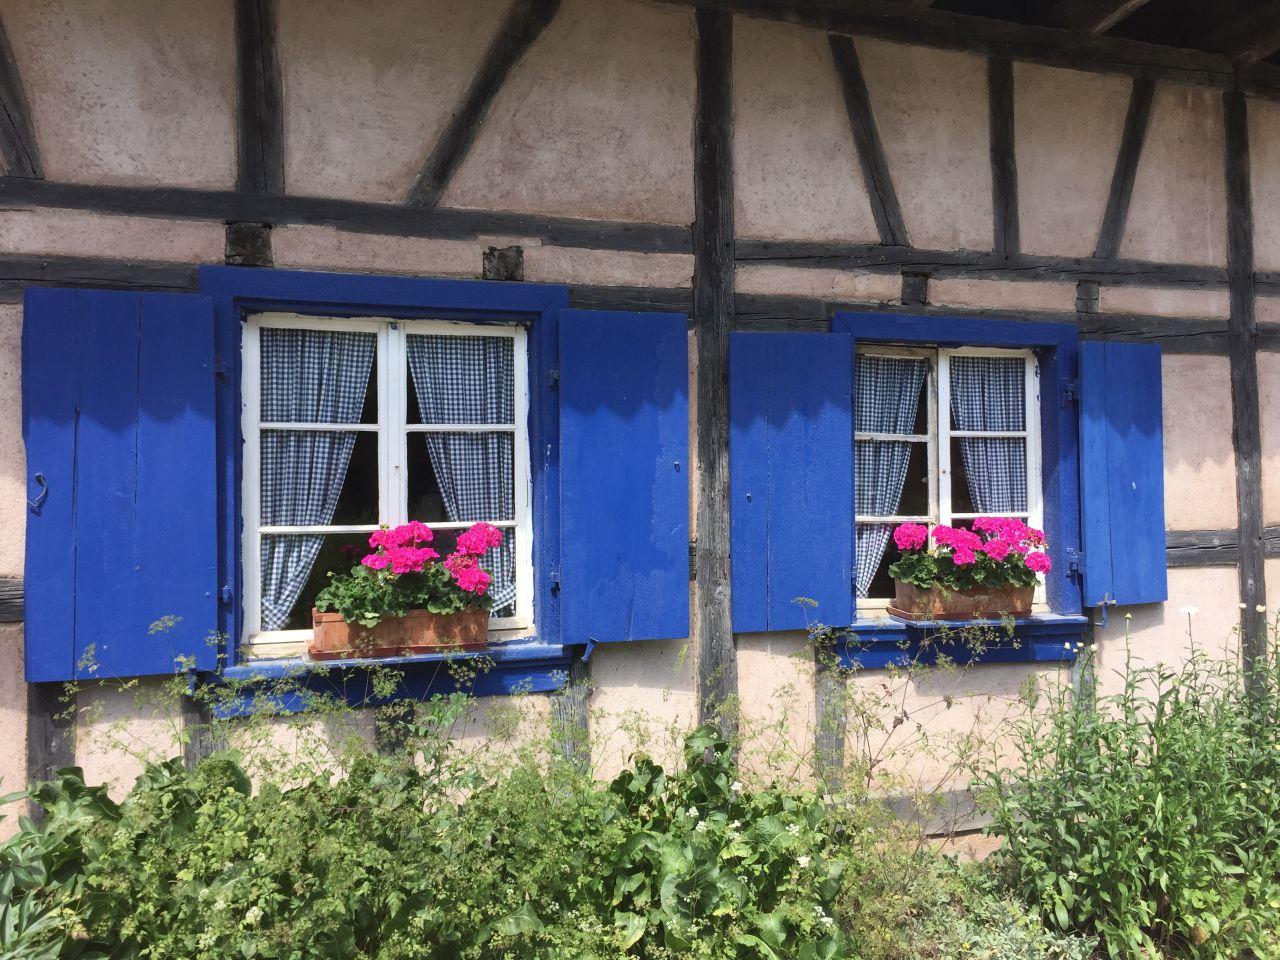 Blaue Fensterlaeden mit Geranien im Écomusée d'Alsace.